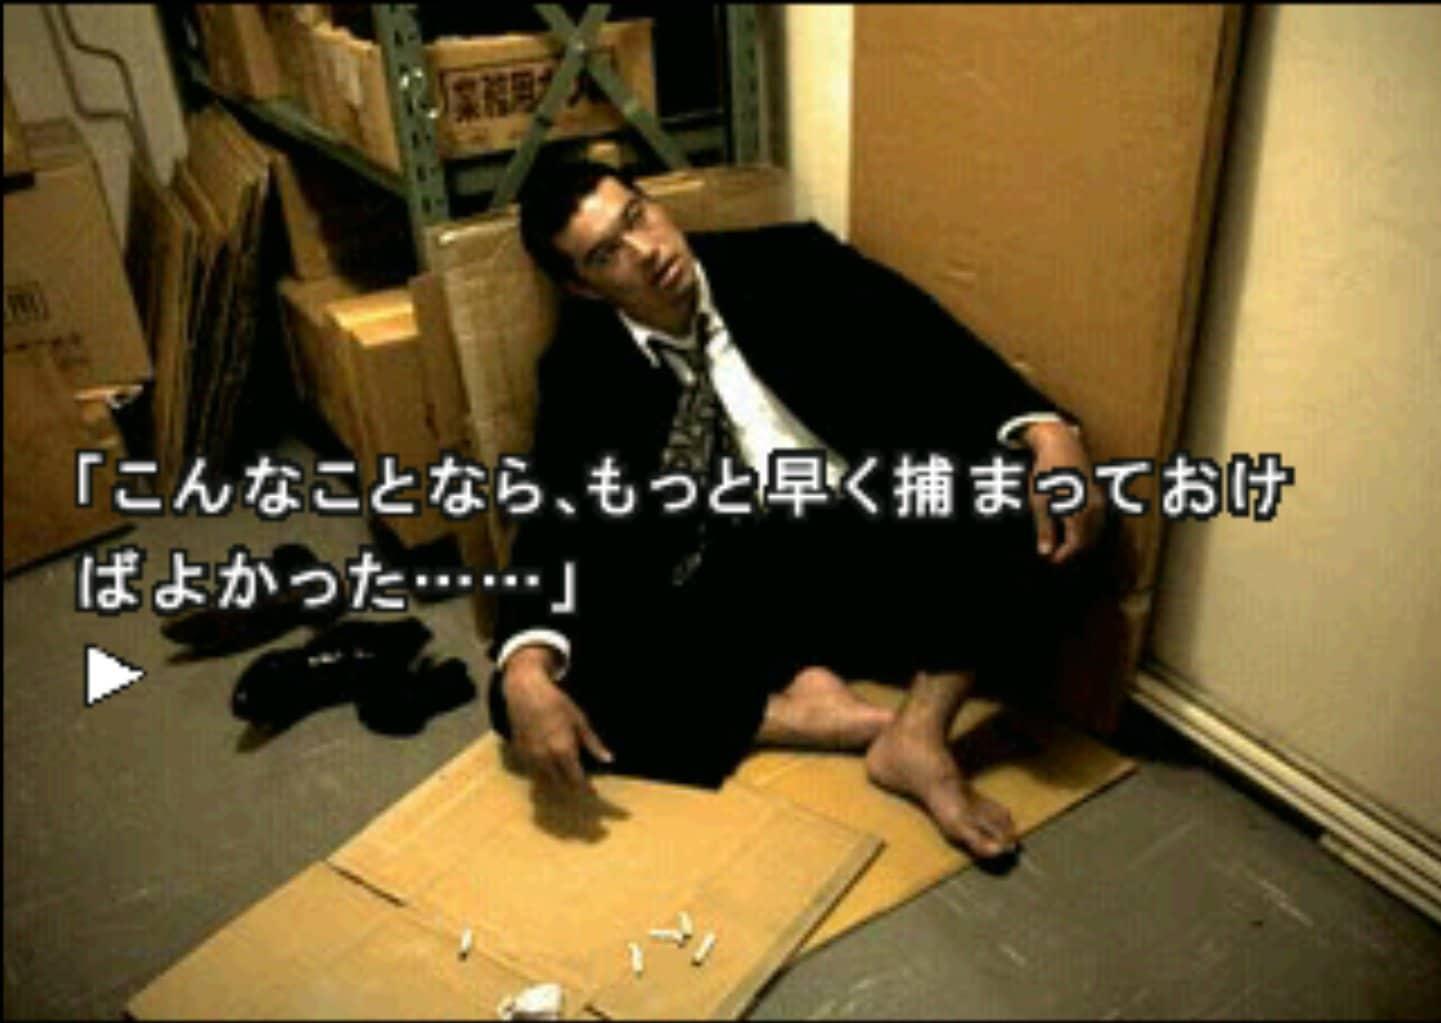 無名時代の窪塚洋介さんも出演、伝説の実写ゲーム『街』の圧倒的見せ方【ヤマグチクエスト・コラム】の画像003